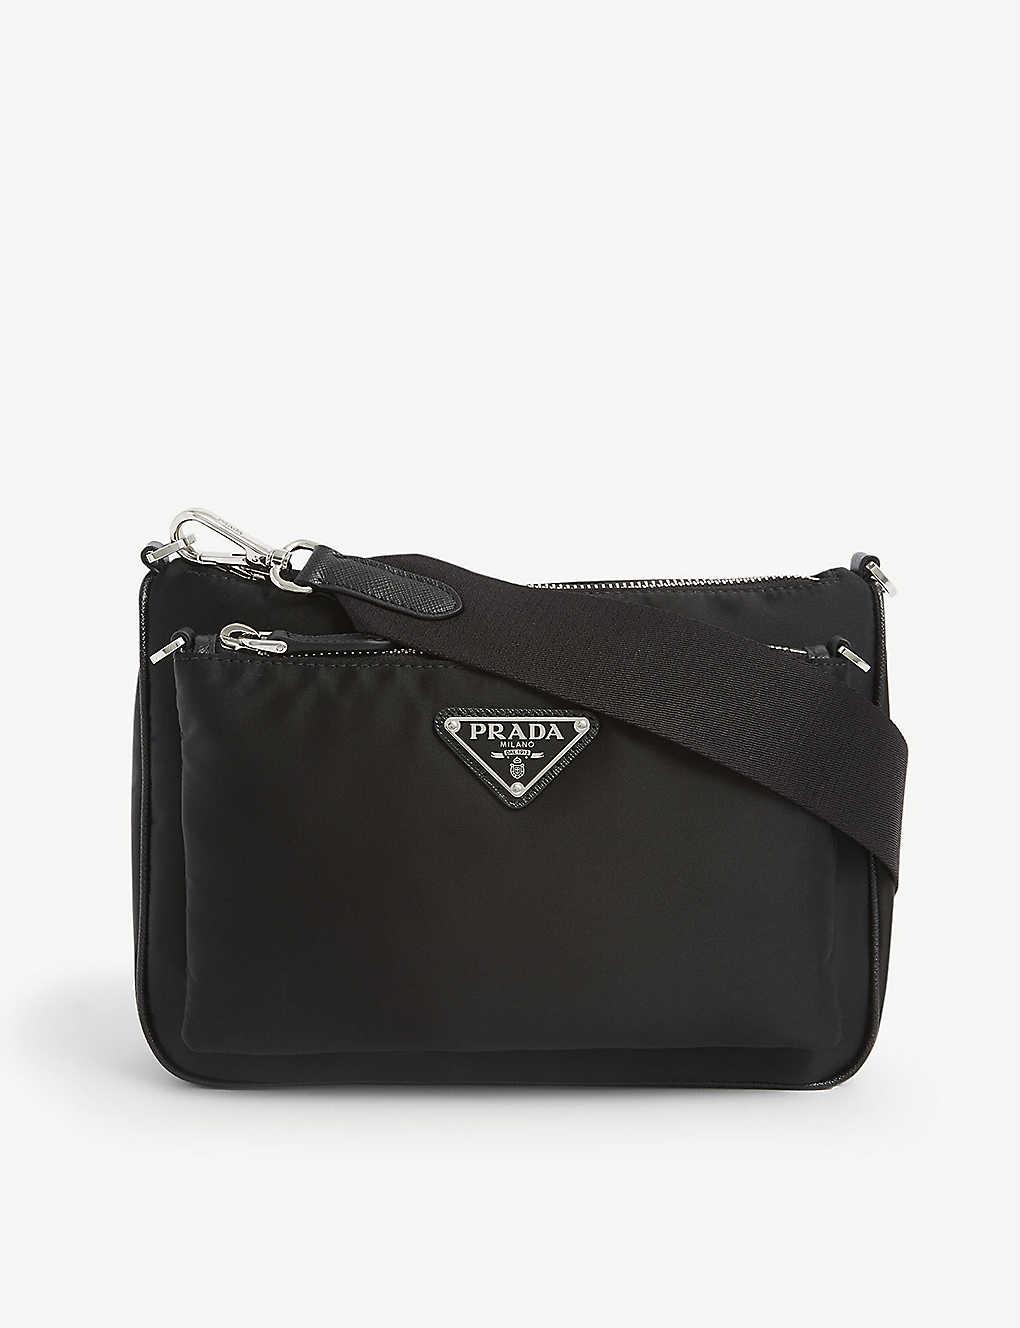 PRADA: Branded nylon cross-body bag